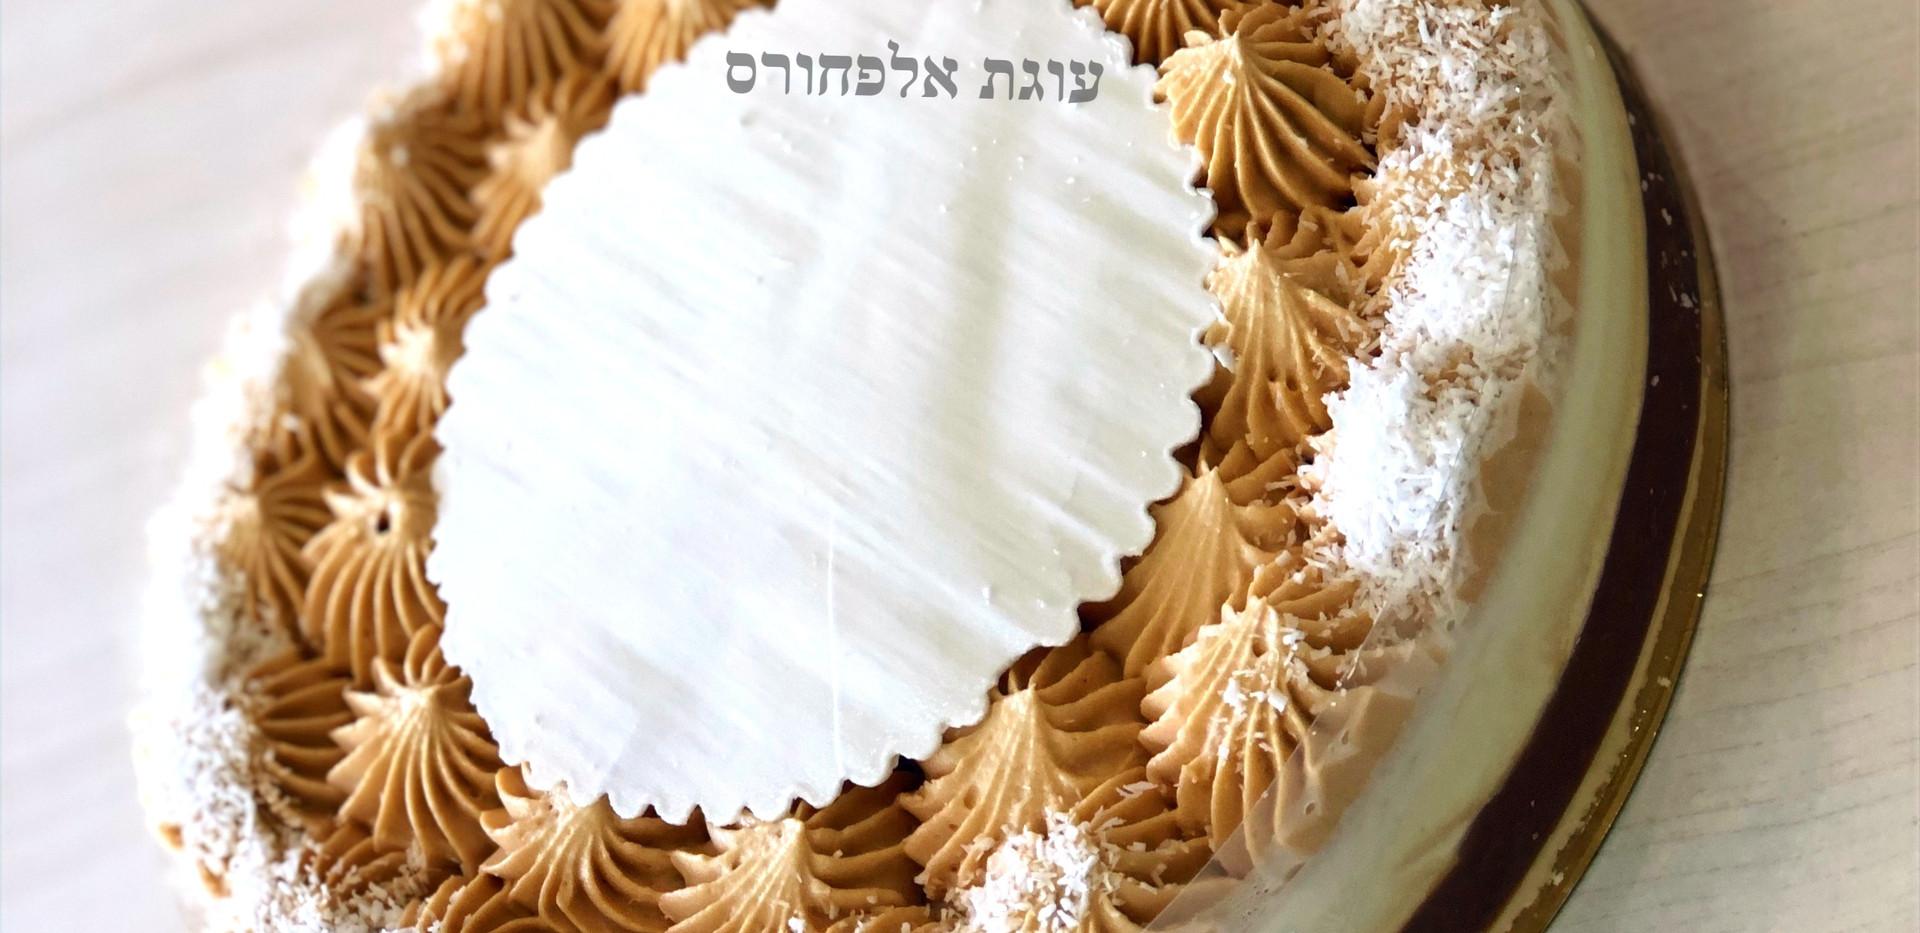 עוגה חדשה בעוגה צ'אגה- עוגת אלפחורס